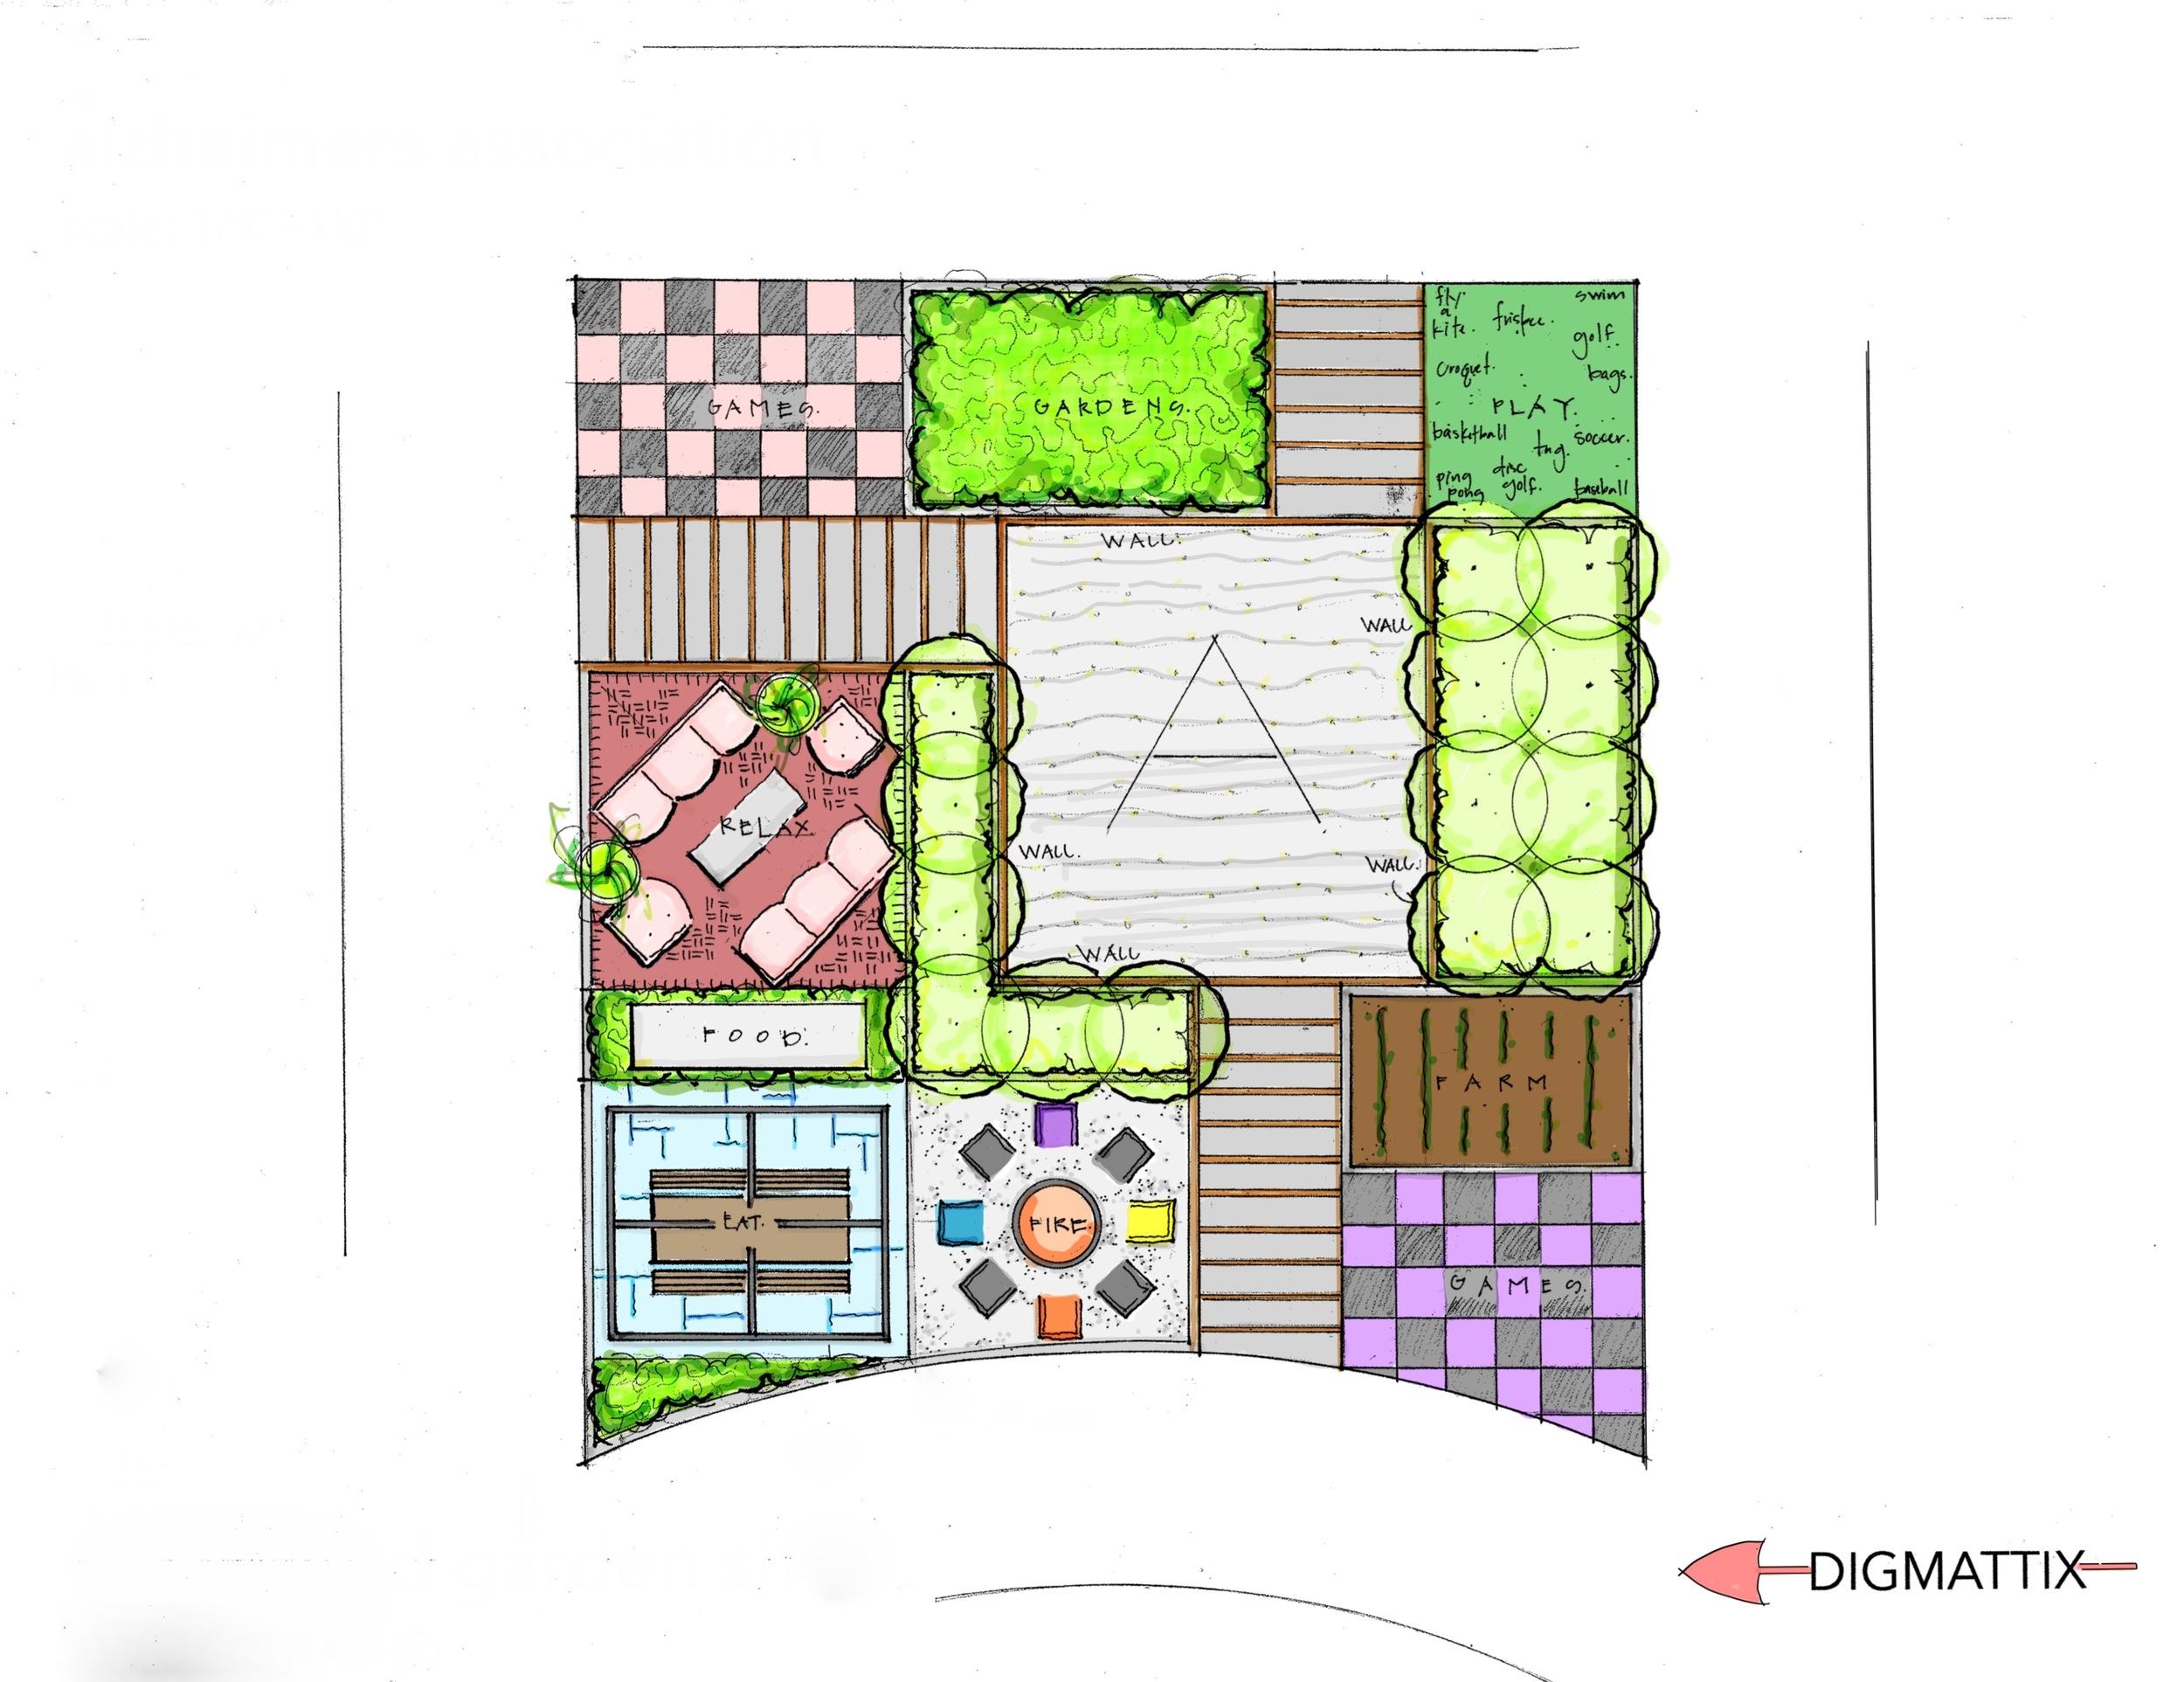 alzheimers garden - digmattix (final color) (1).jpg